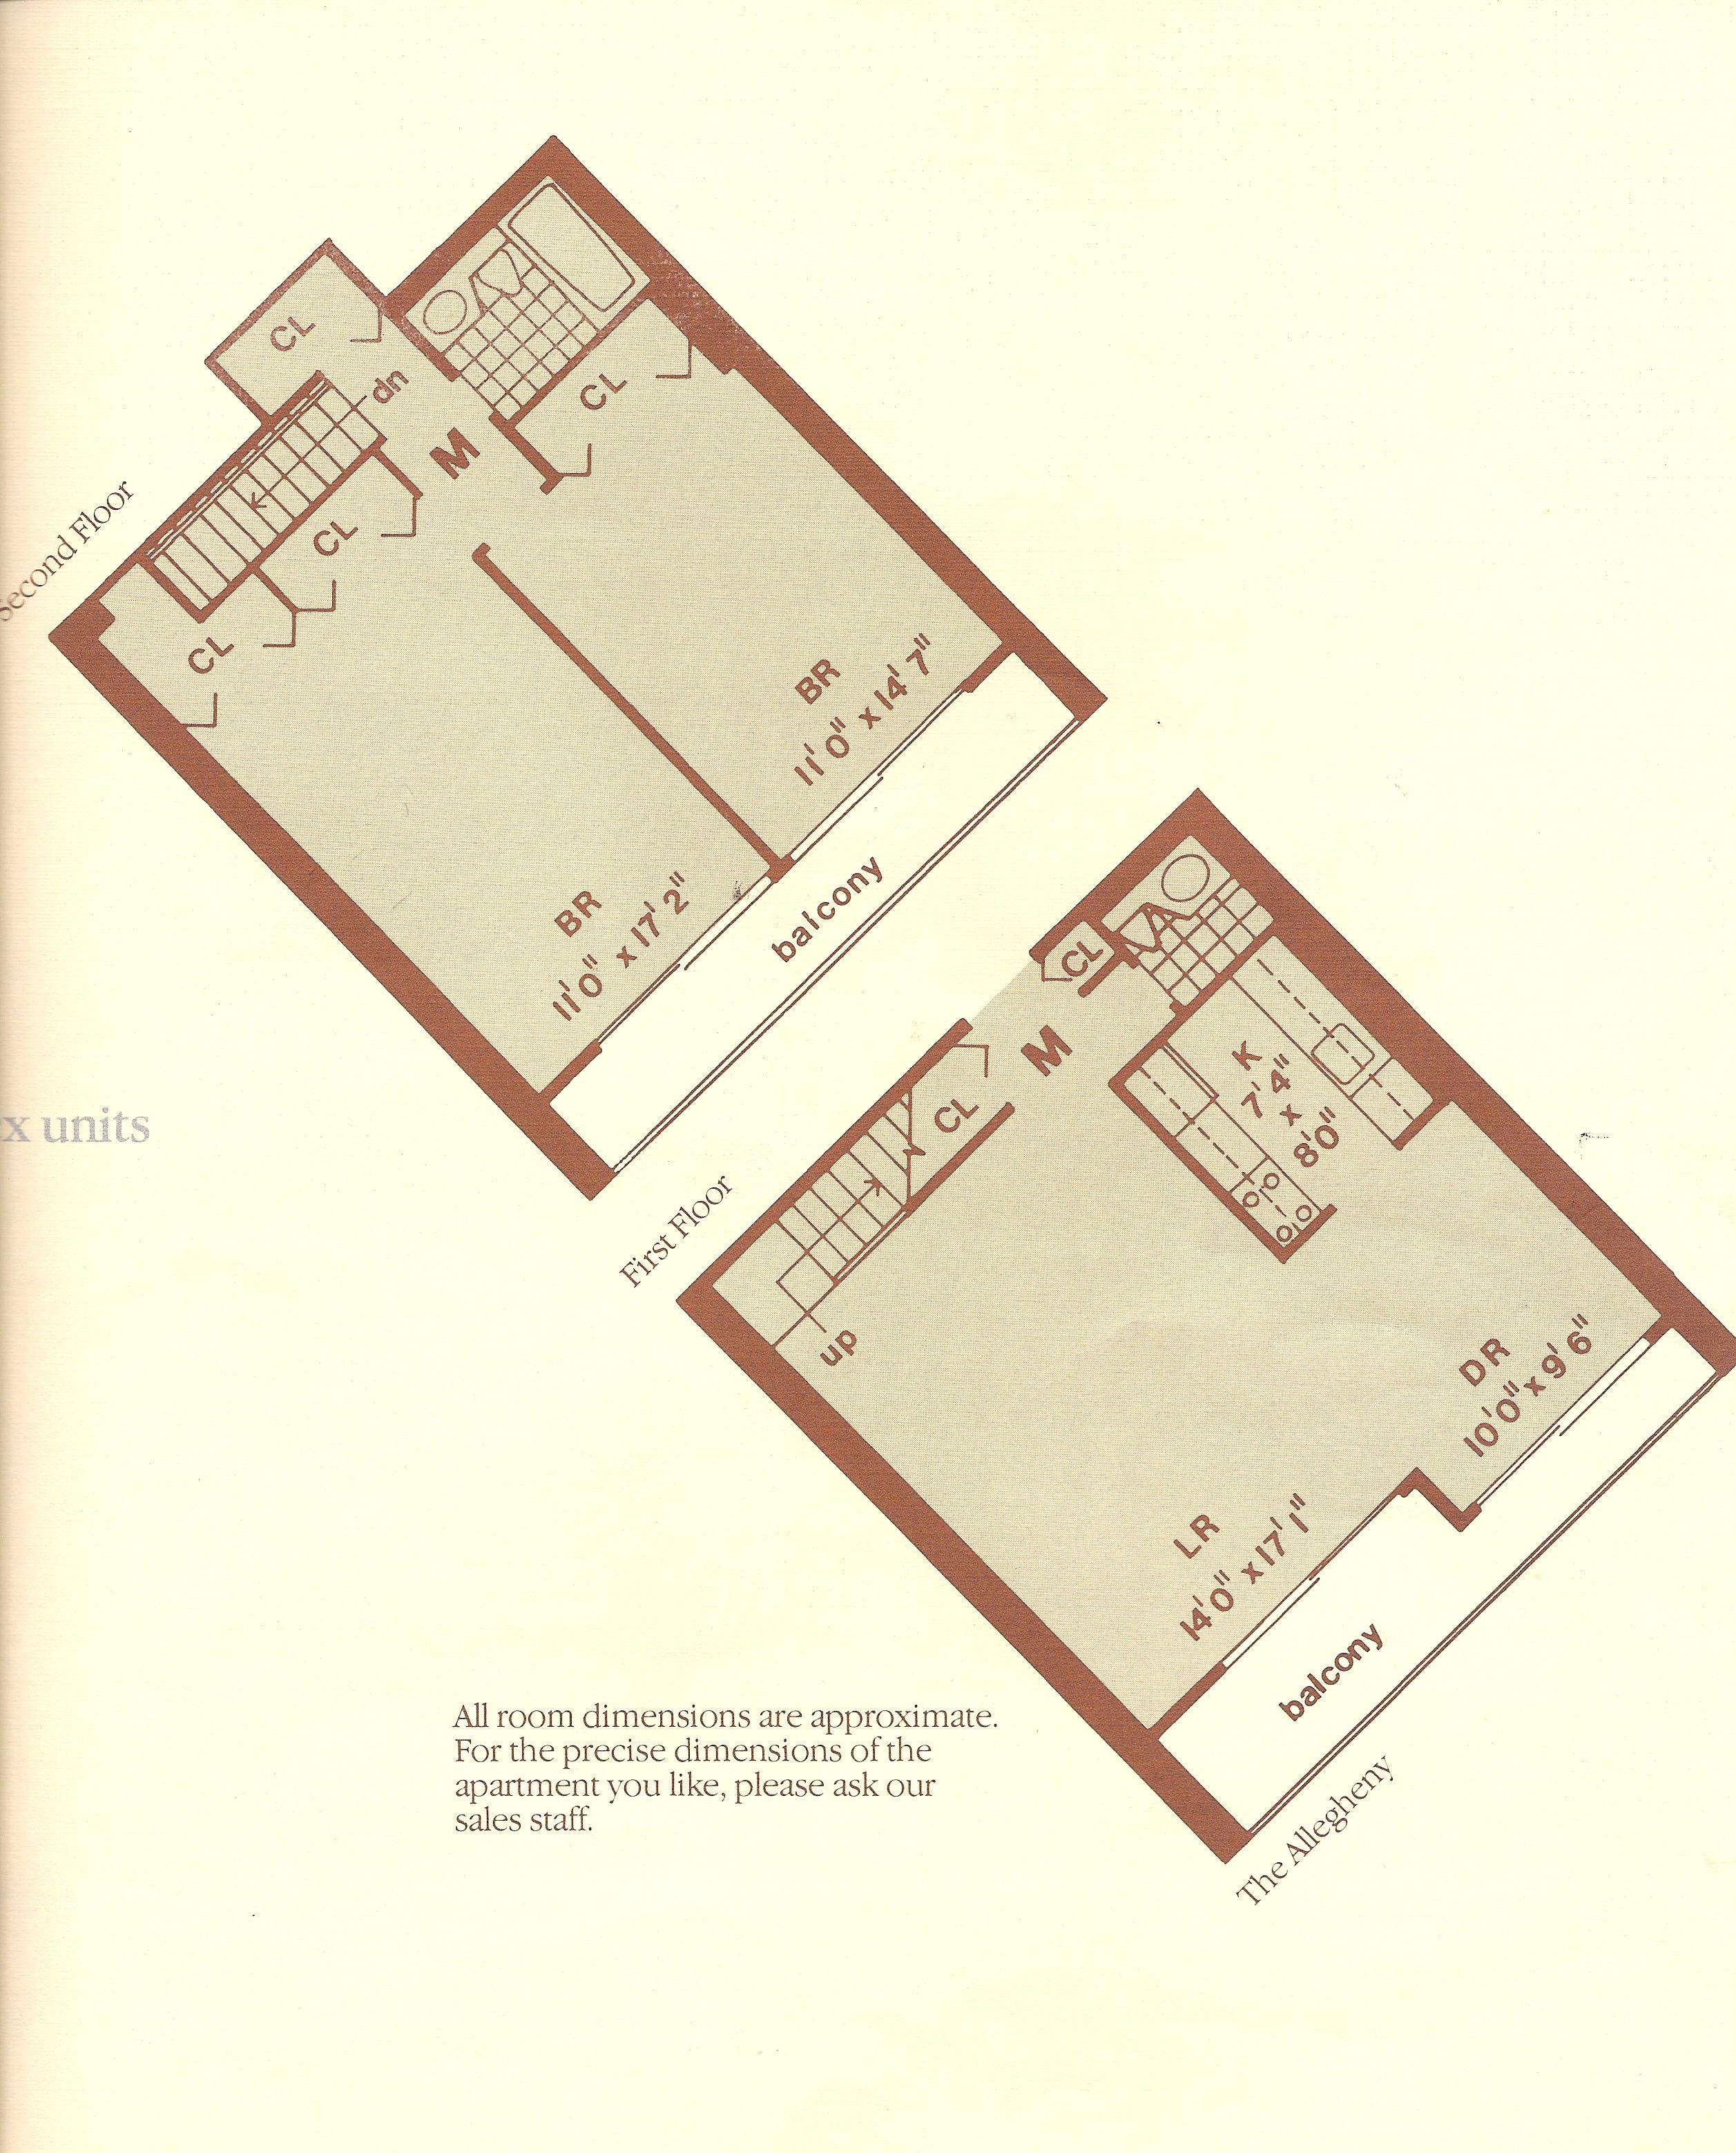 duplex-units-a-bed-apts